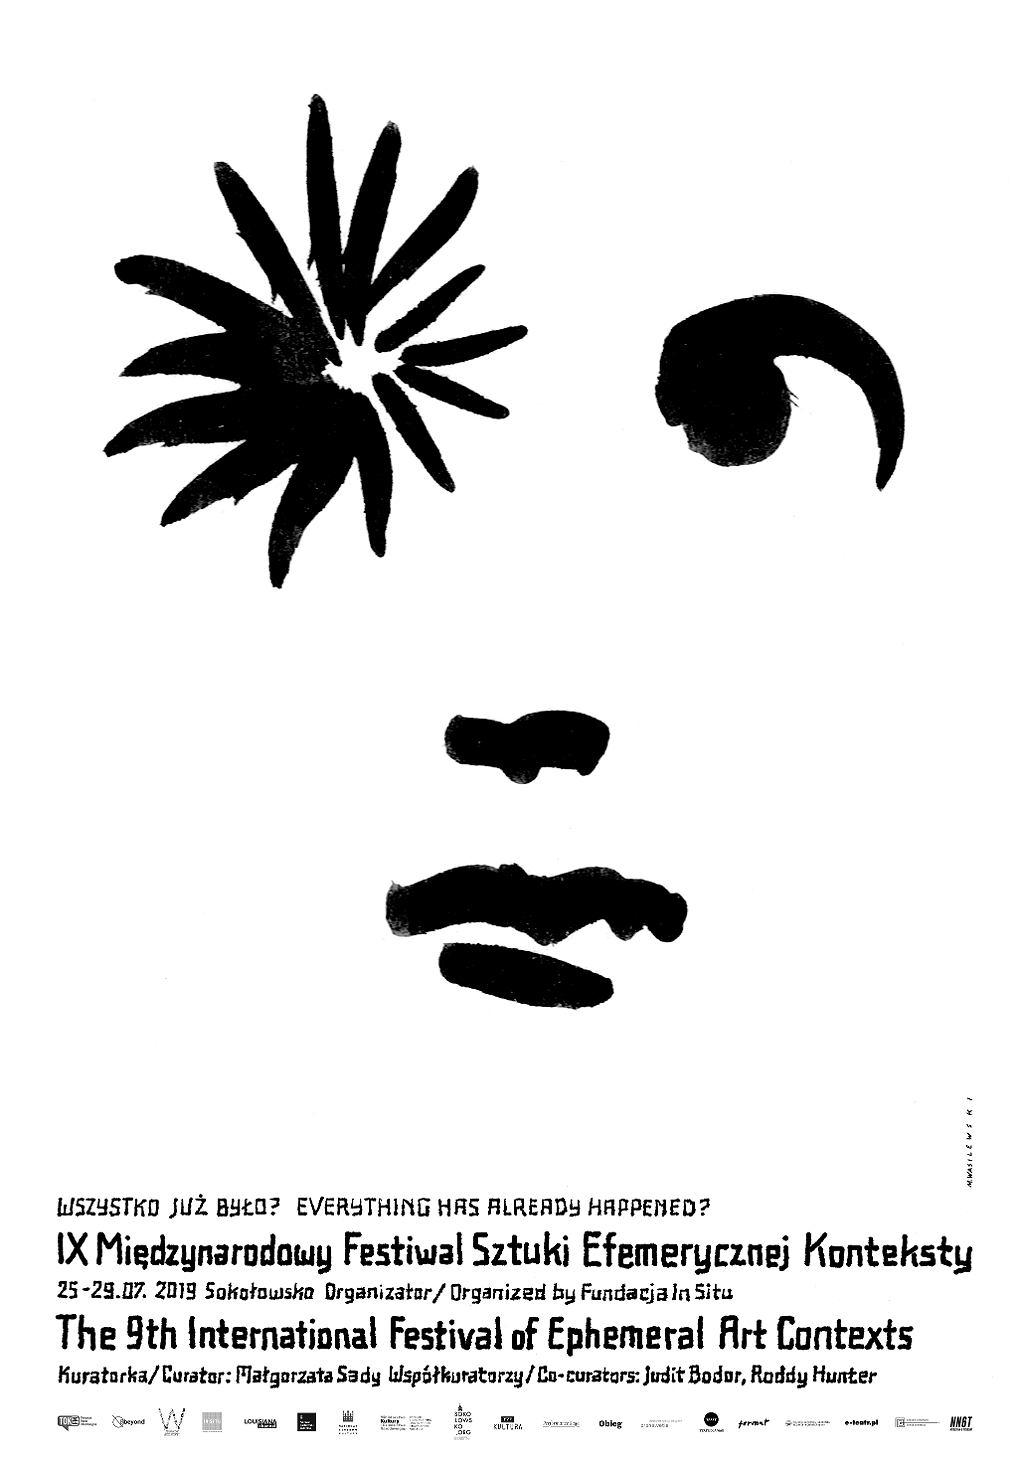 IX Międzynarodowy Festiwal Sztuki Efemerycznej Konteksty